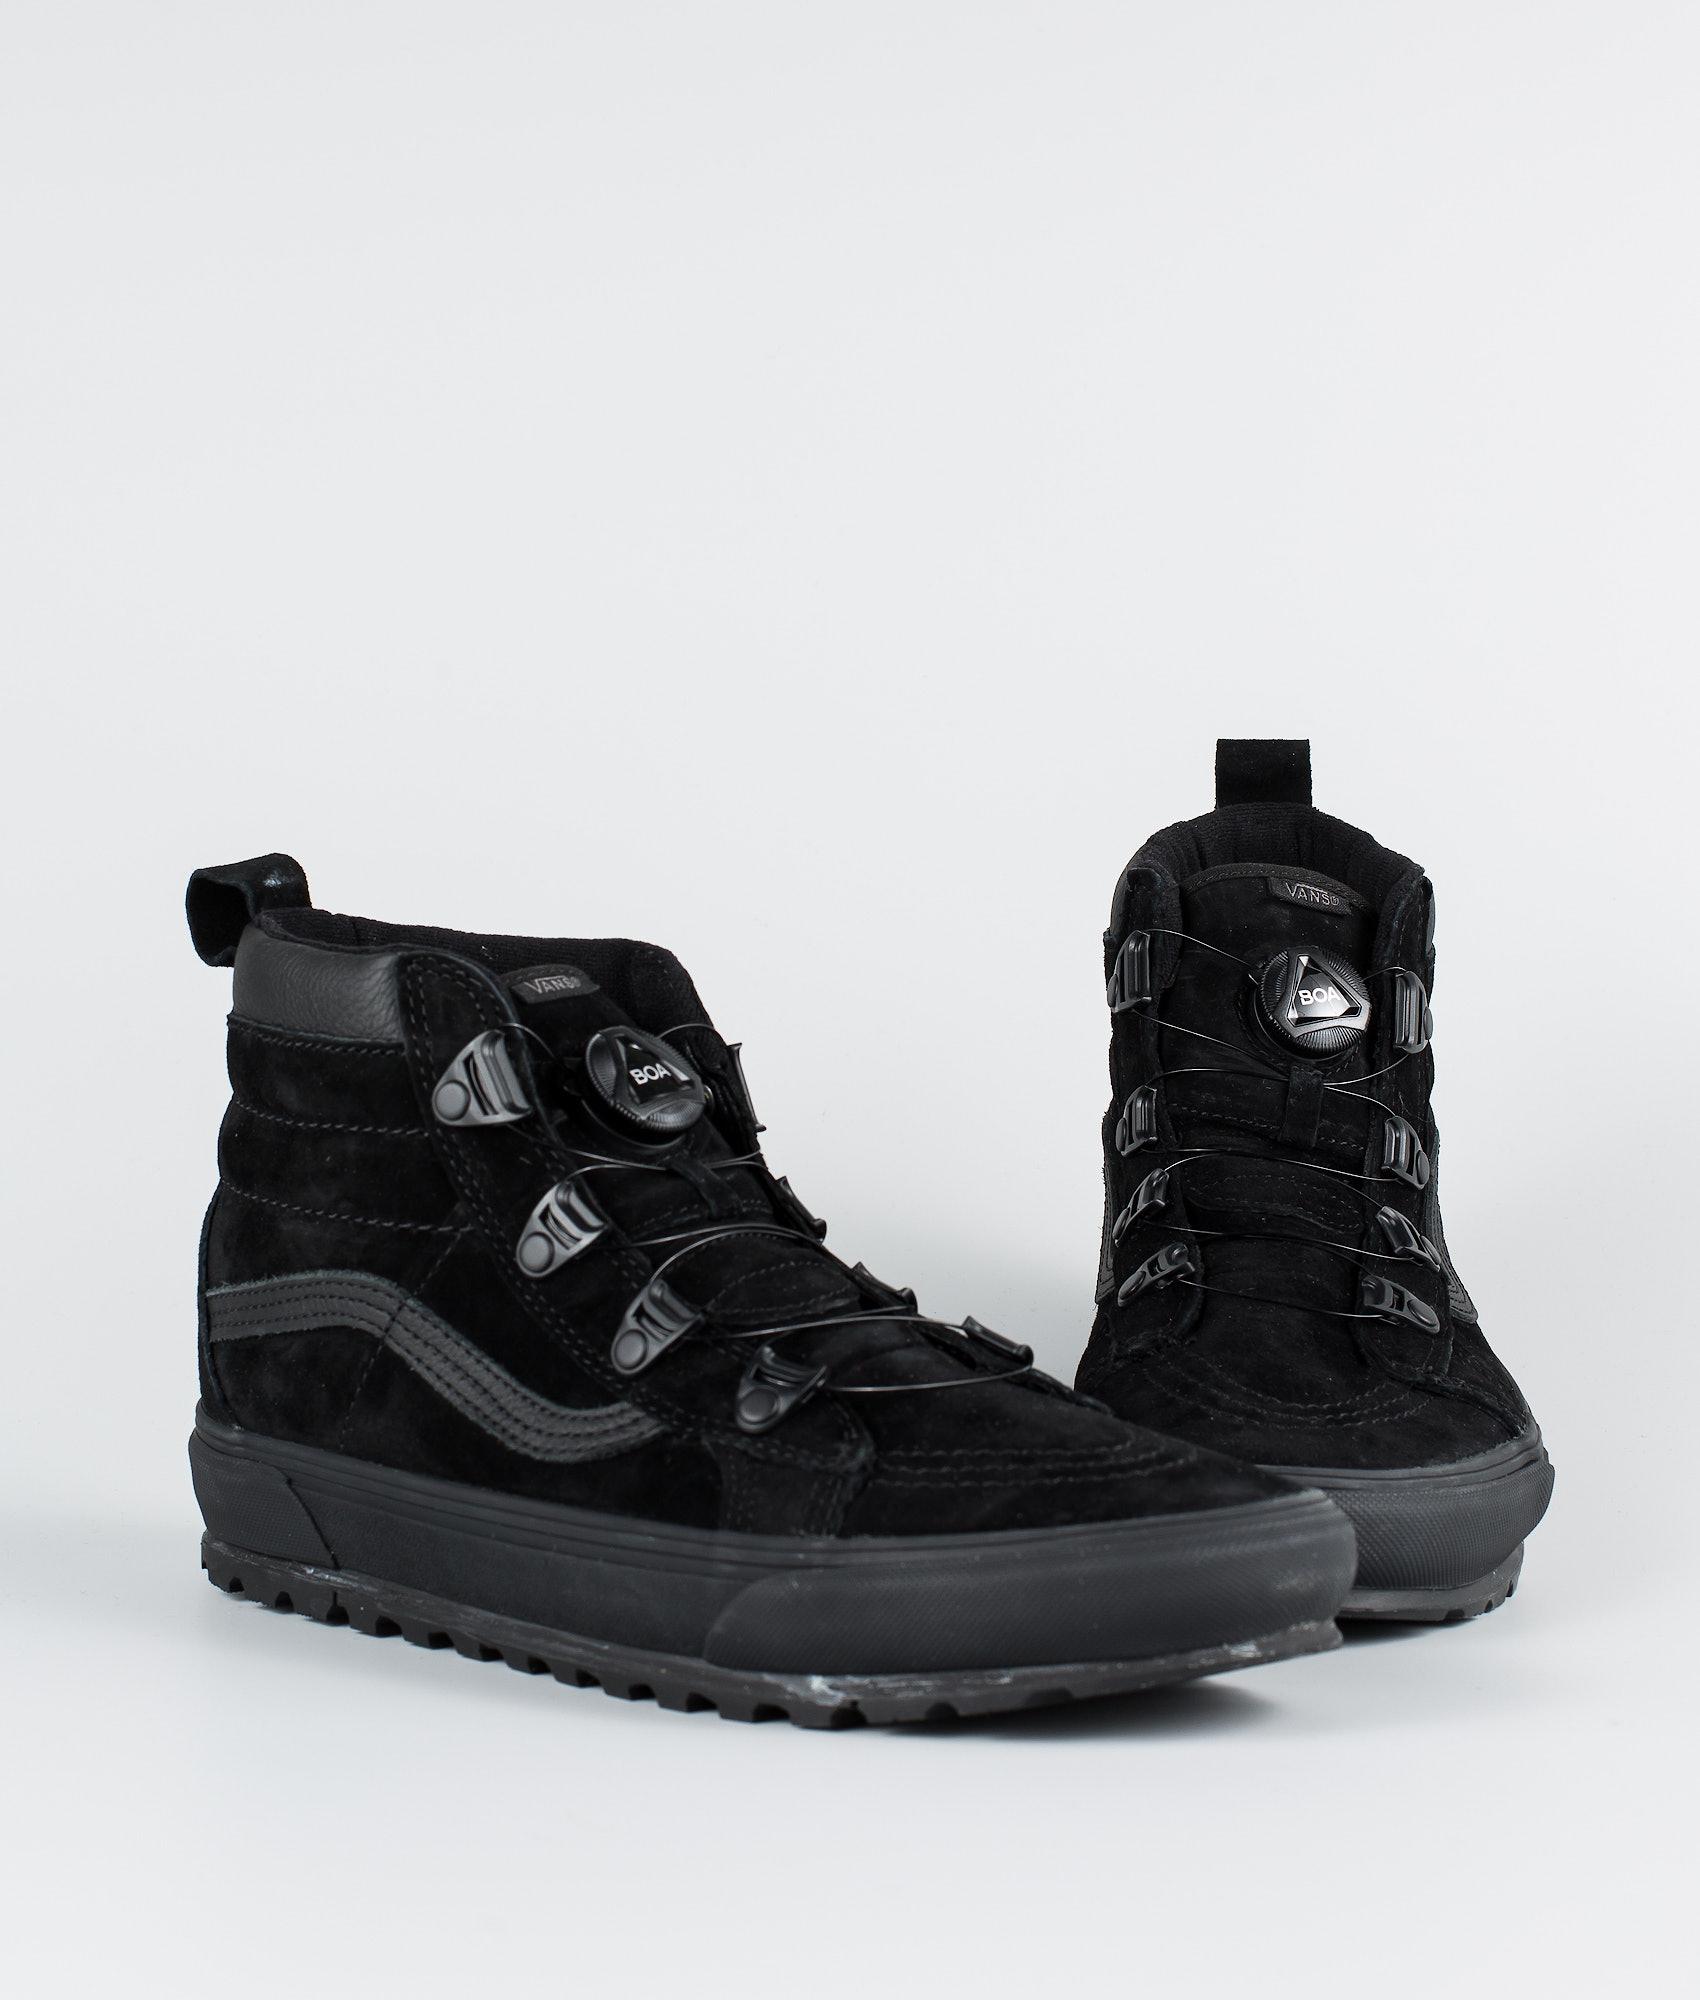 00f263ed81 Vans Sk8-Hi Mte Boa Shoes (Mte) Black - Ridestore.com